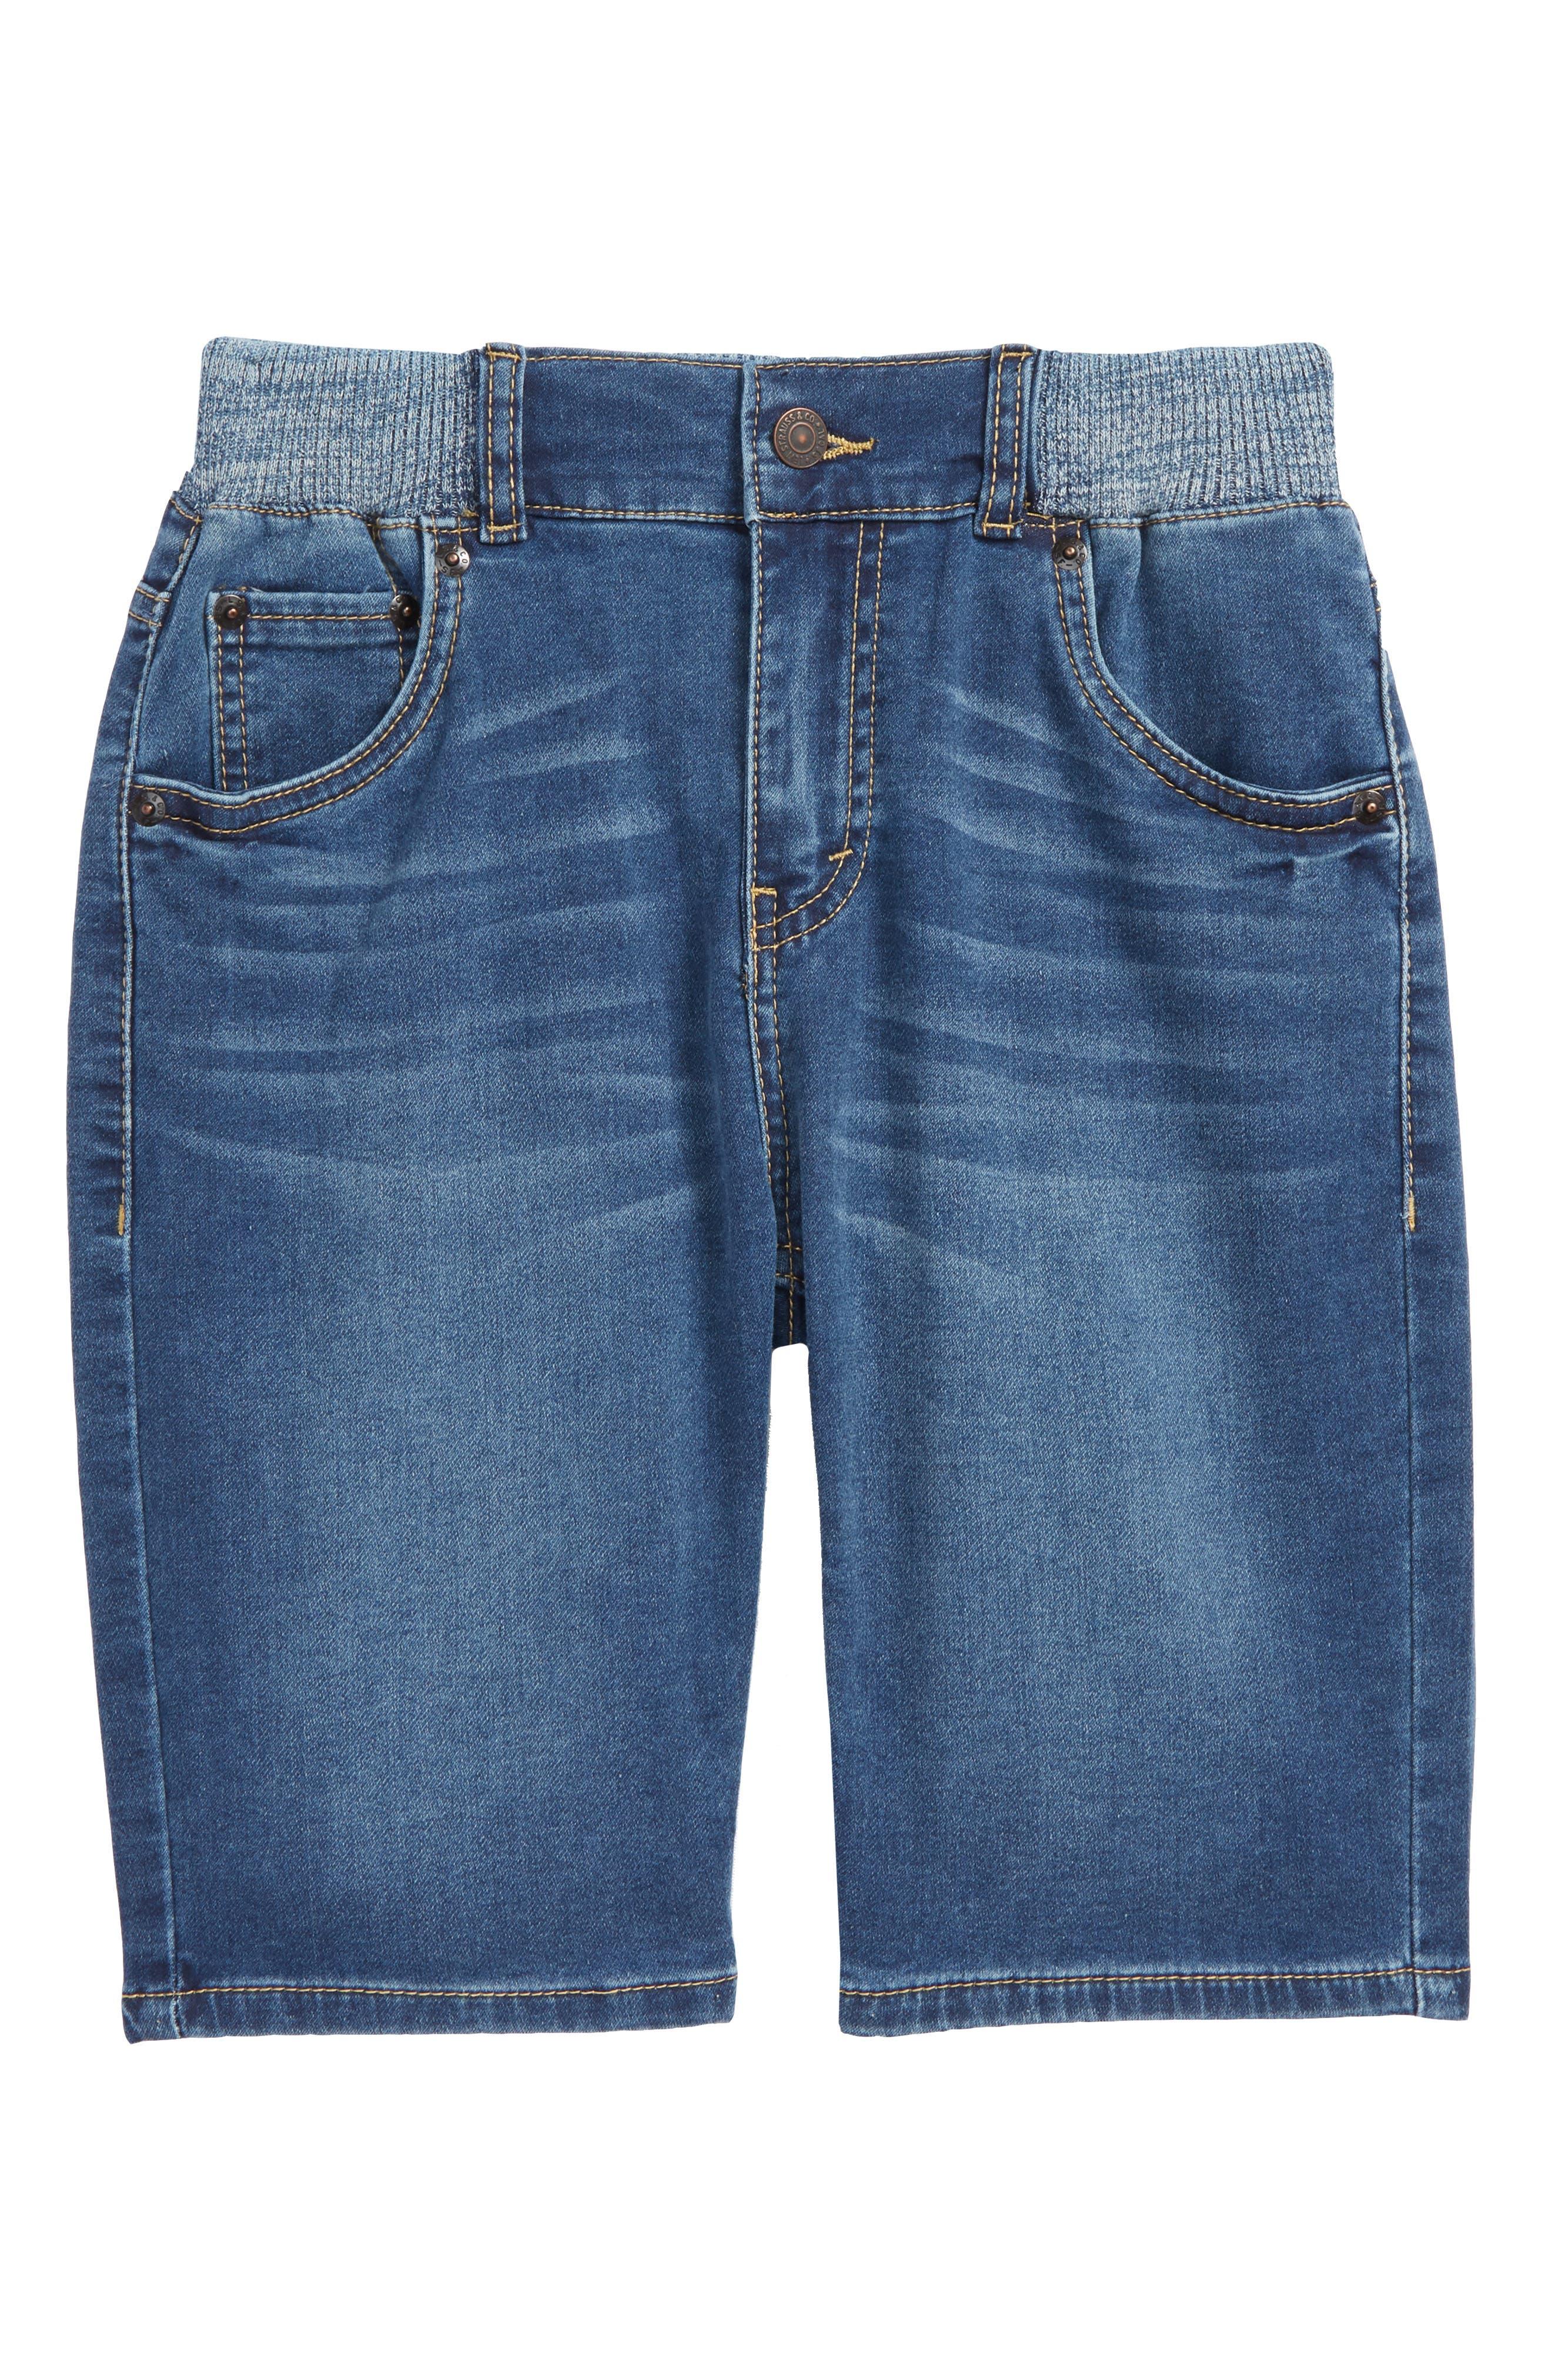 Levi's Super Chill Denim Shorts,                             Main thumbnail 1, color,                             421